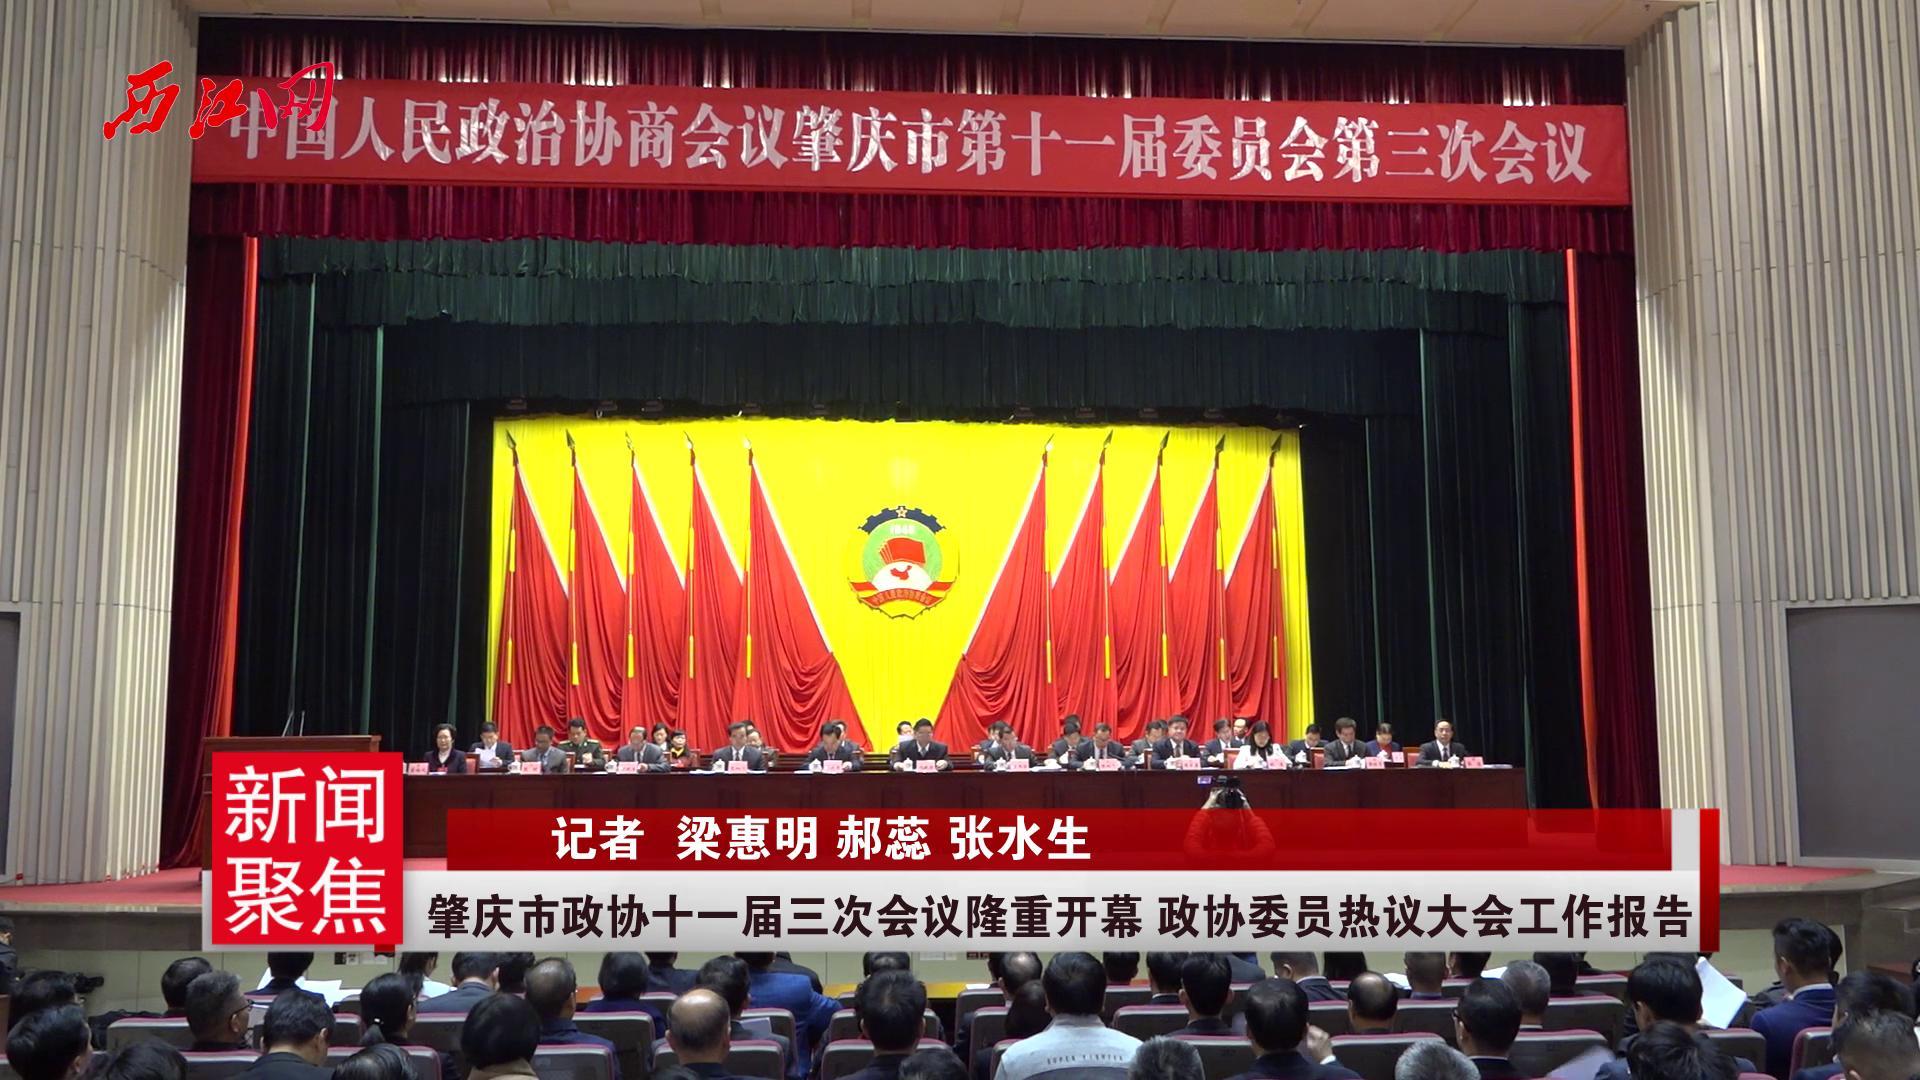 肇庆市政协十一届三次会议隆重开幕 政协委员热议大会工作报告